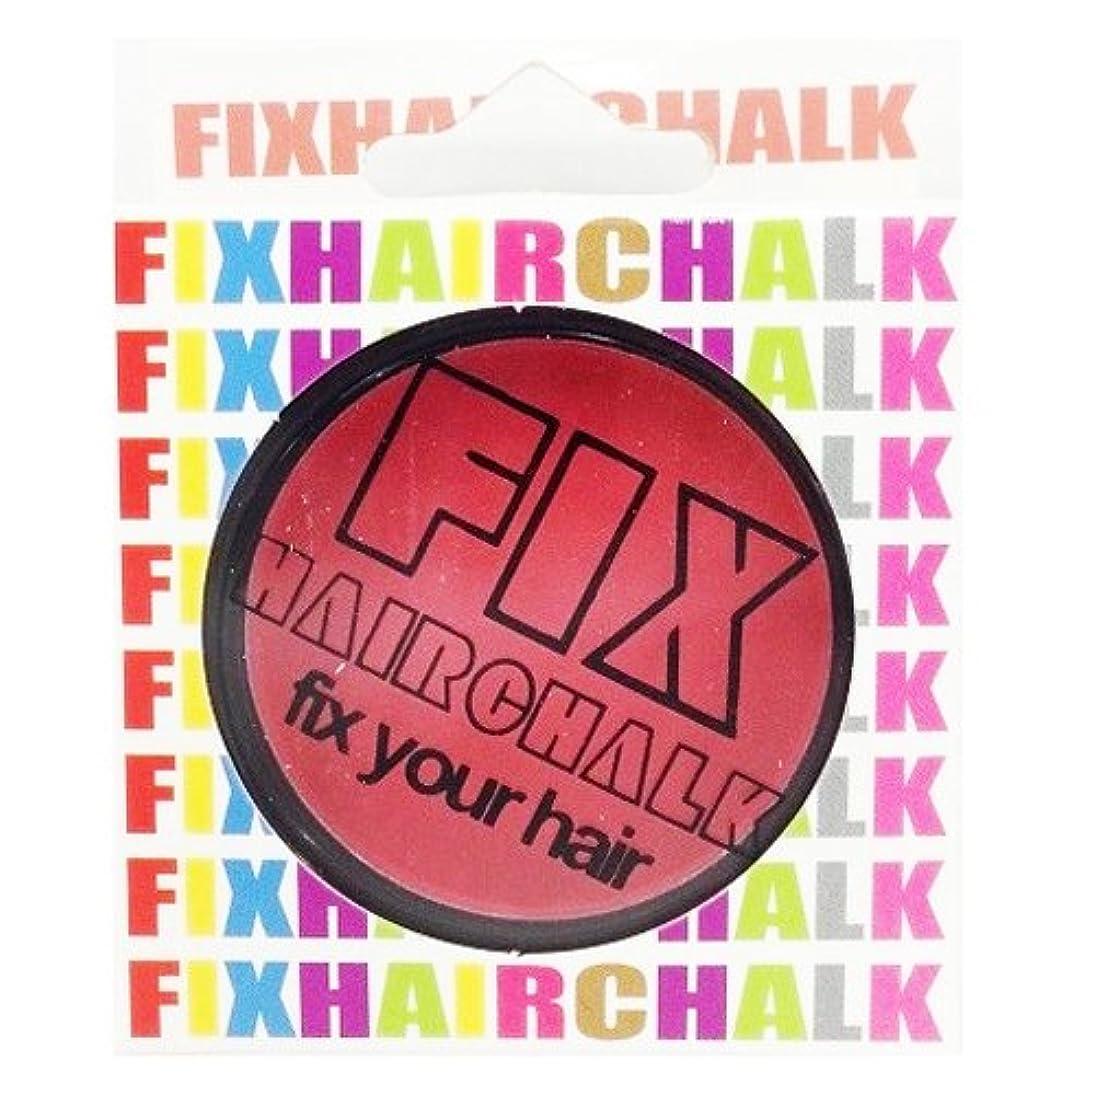 タイムリーなランプ野なFIX ヘアチョーク ピーチピンク 3.5g